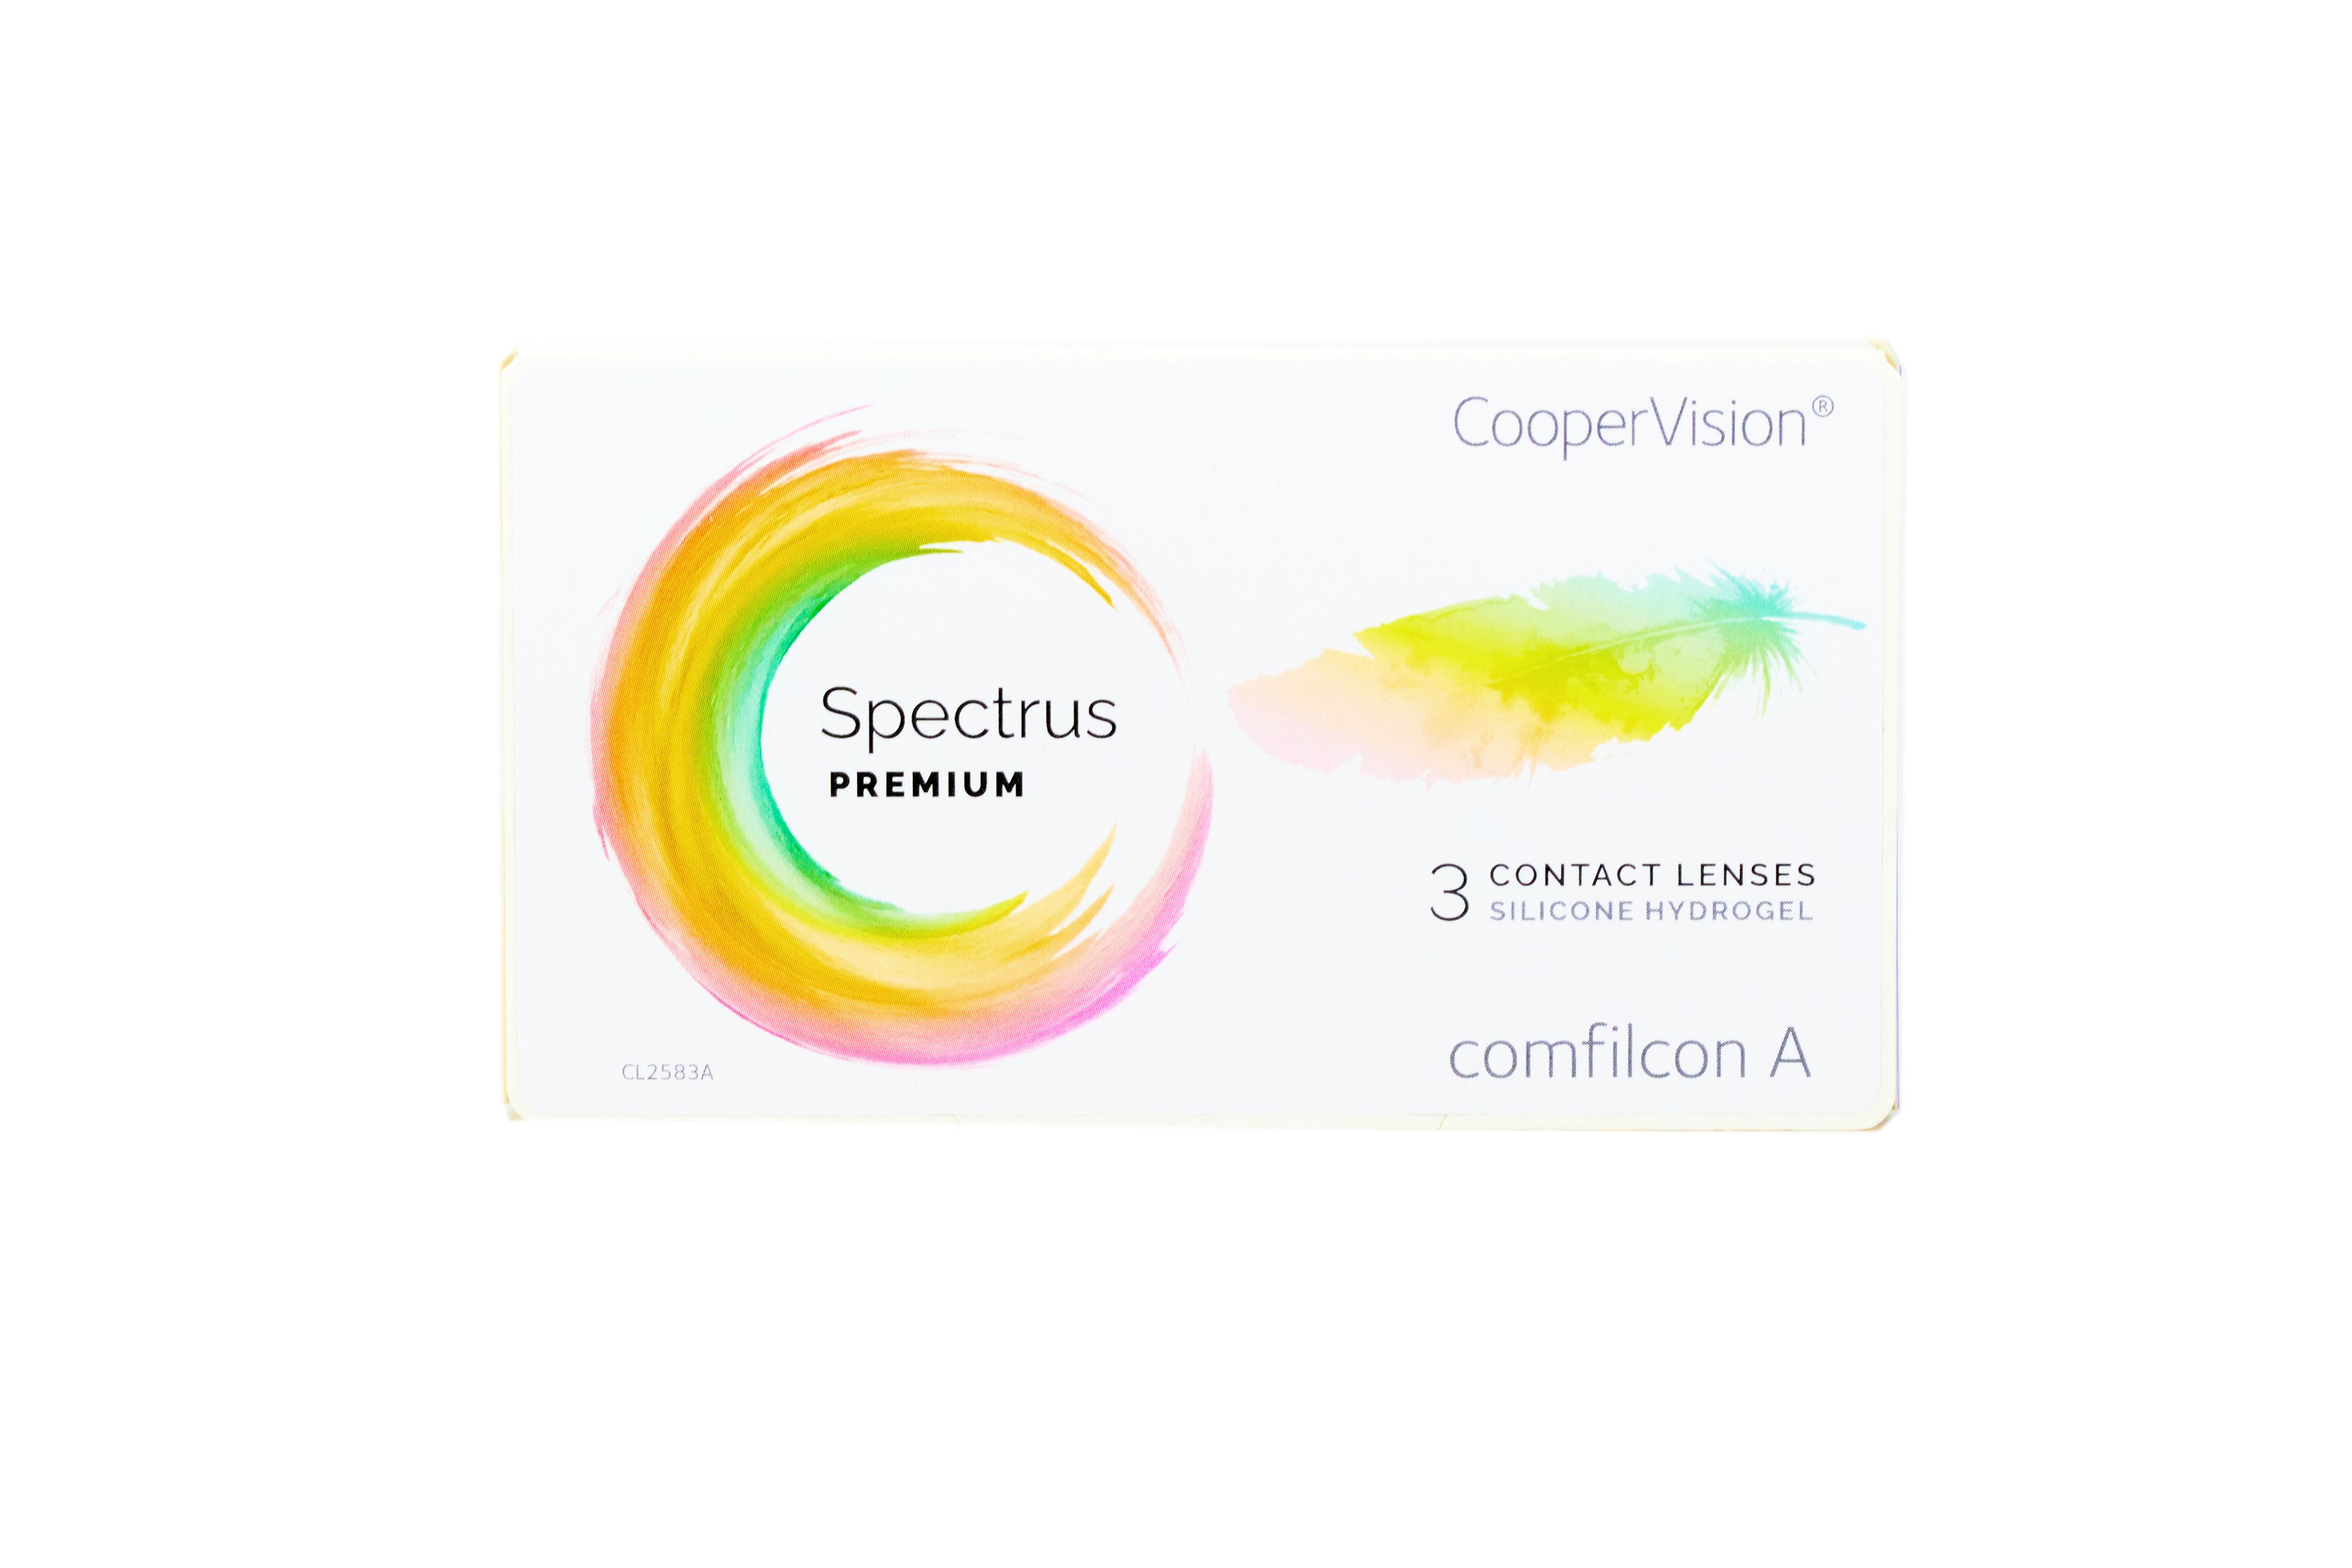 spectrus_premium